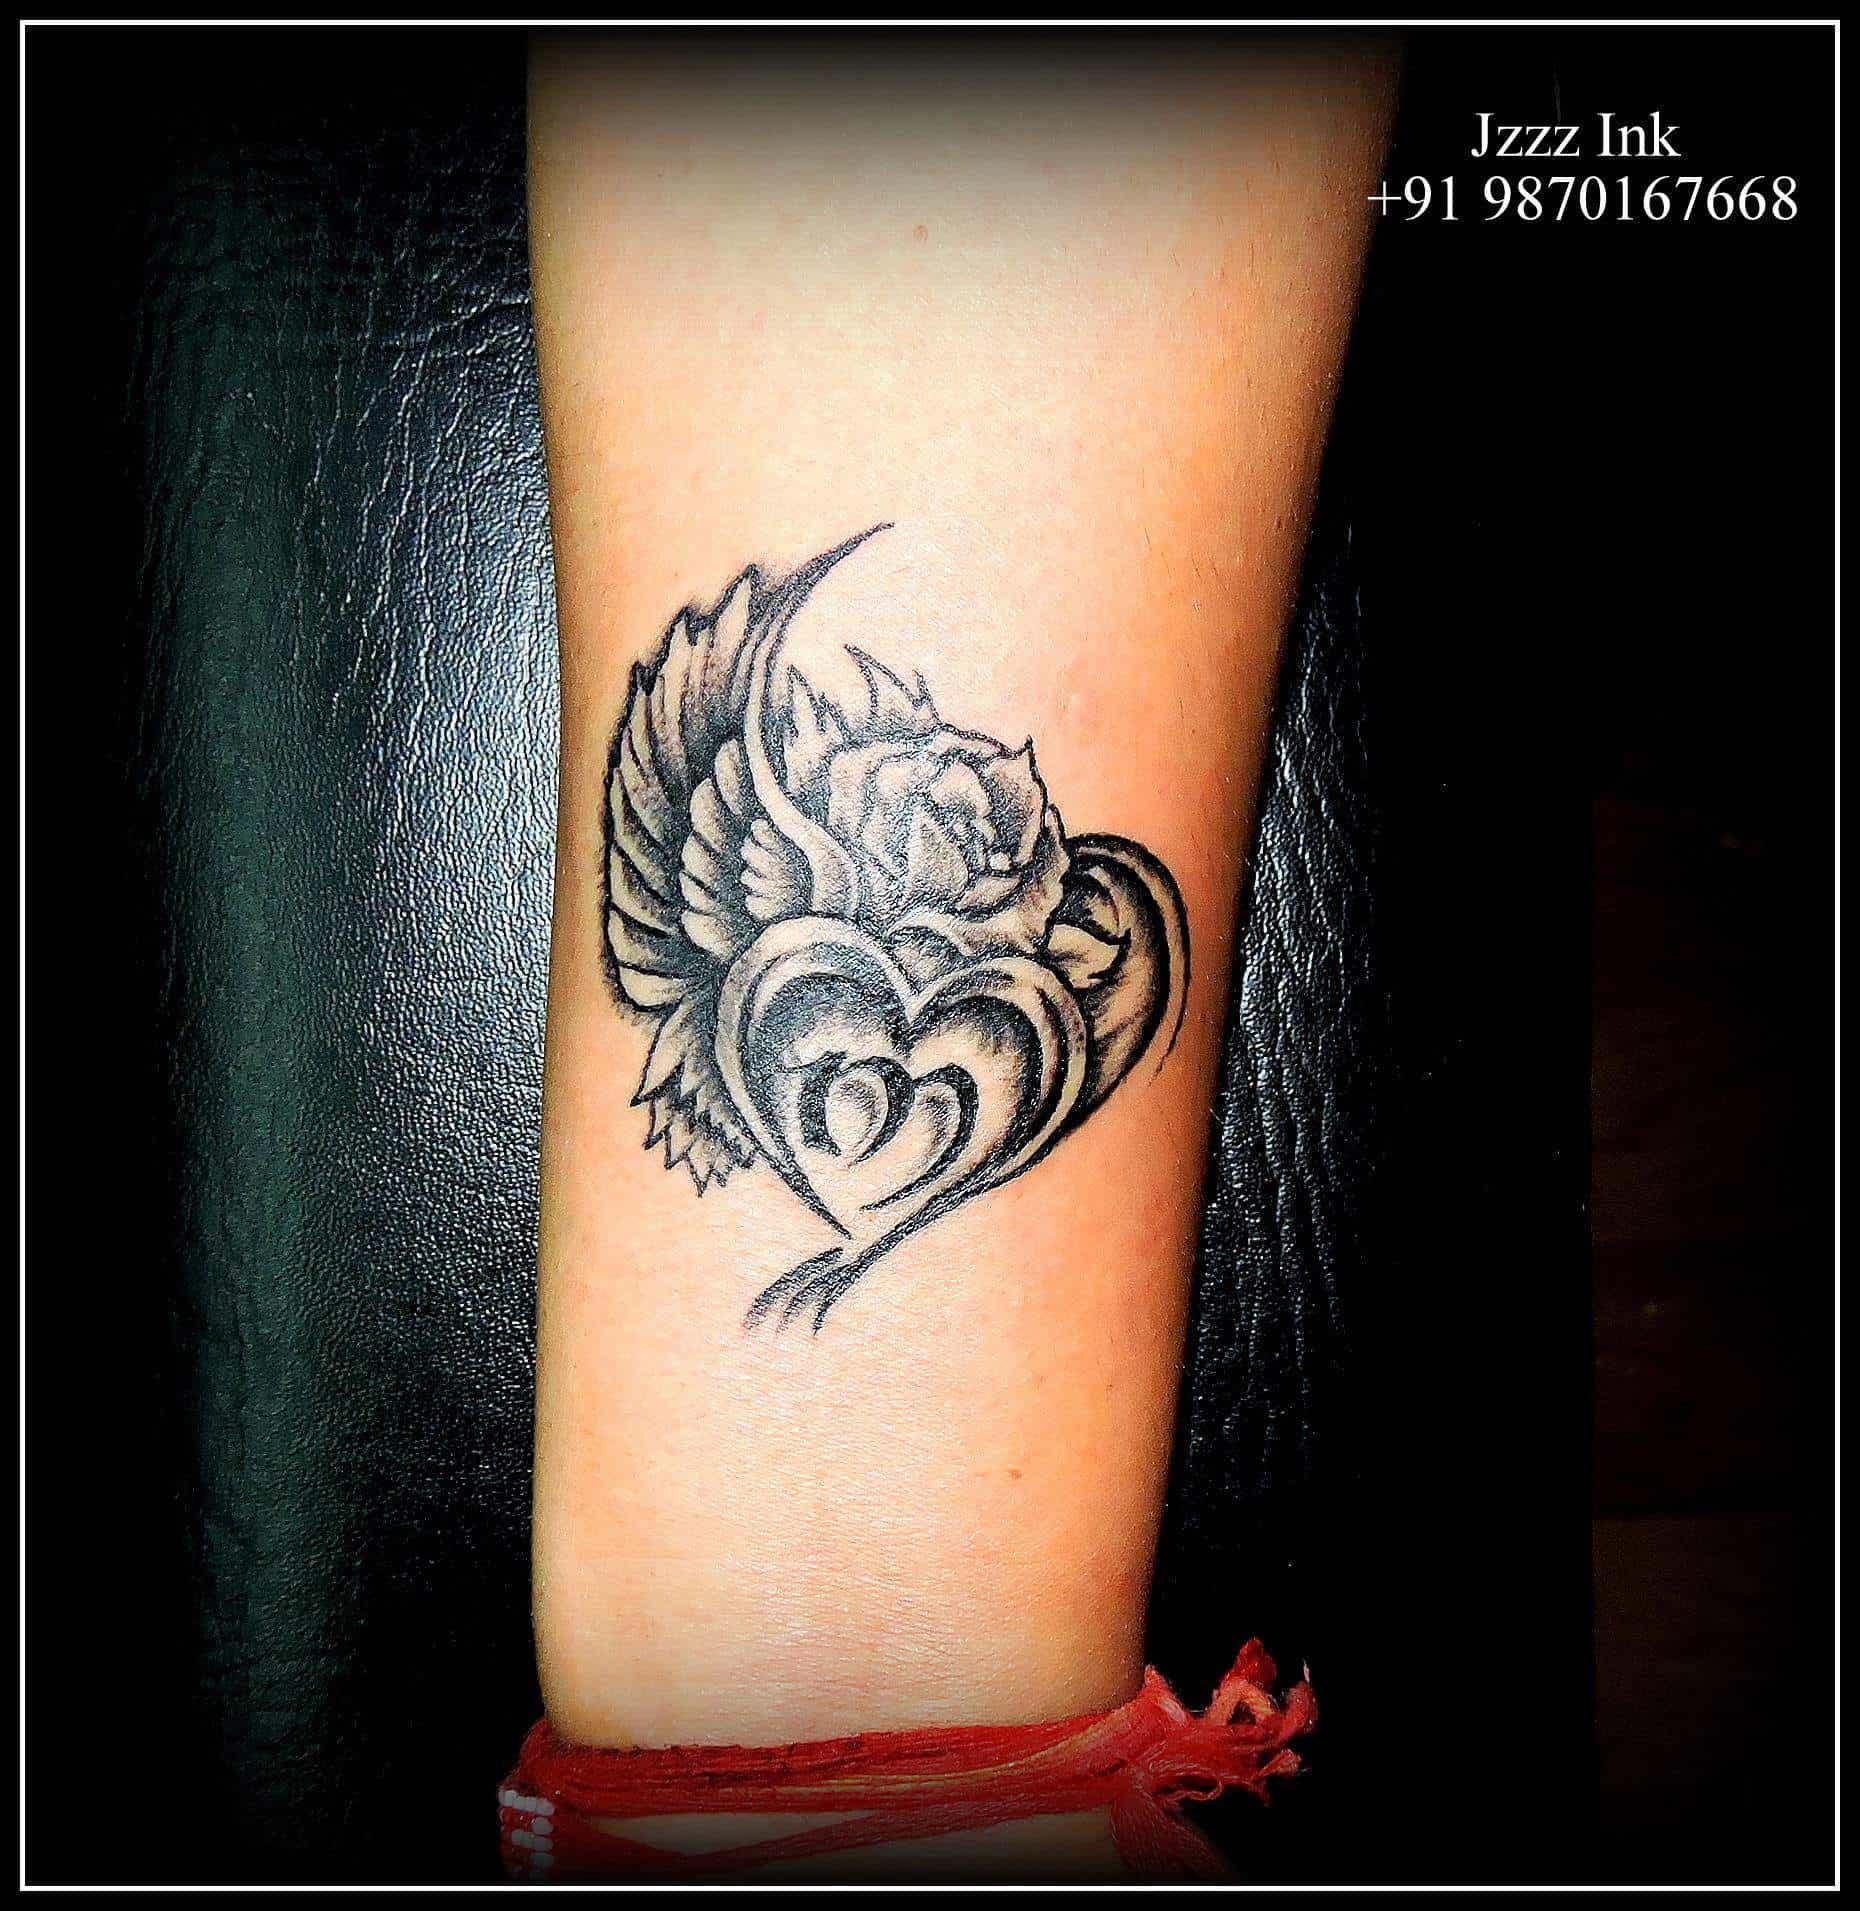 Iron Buzz Tattoos Andheri Mumbai: J K Tattoos Studio Marine Lines